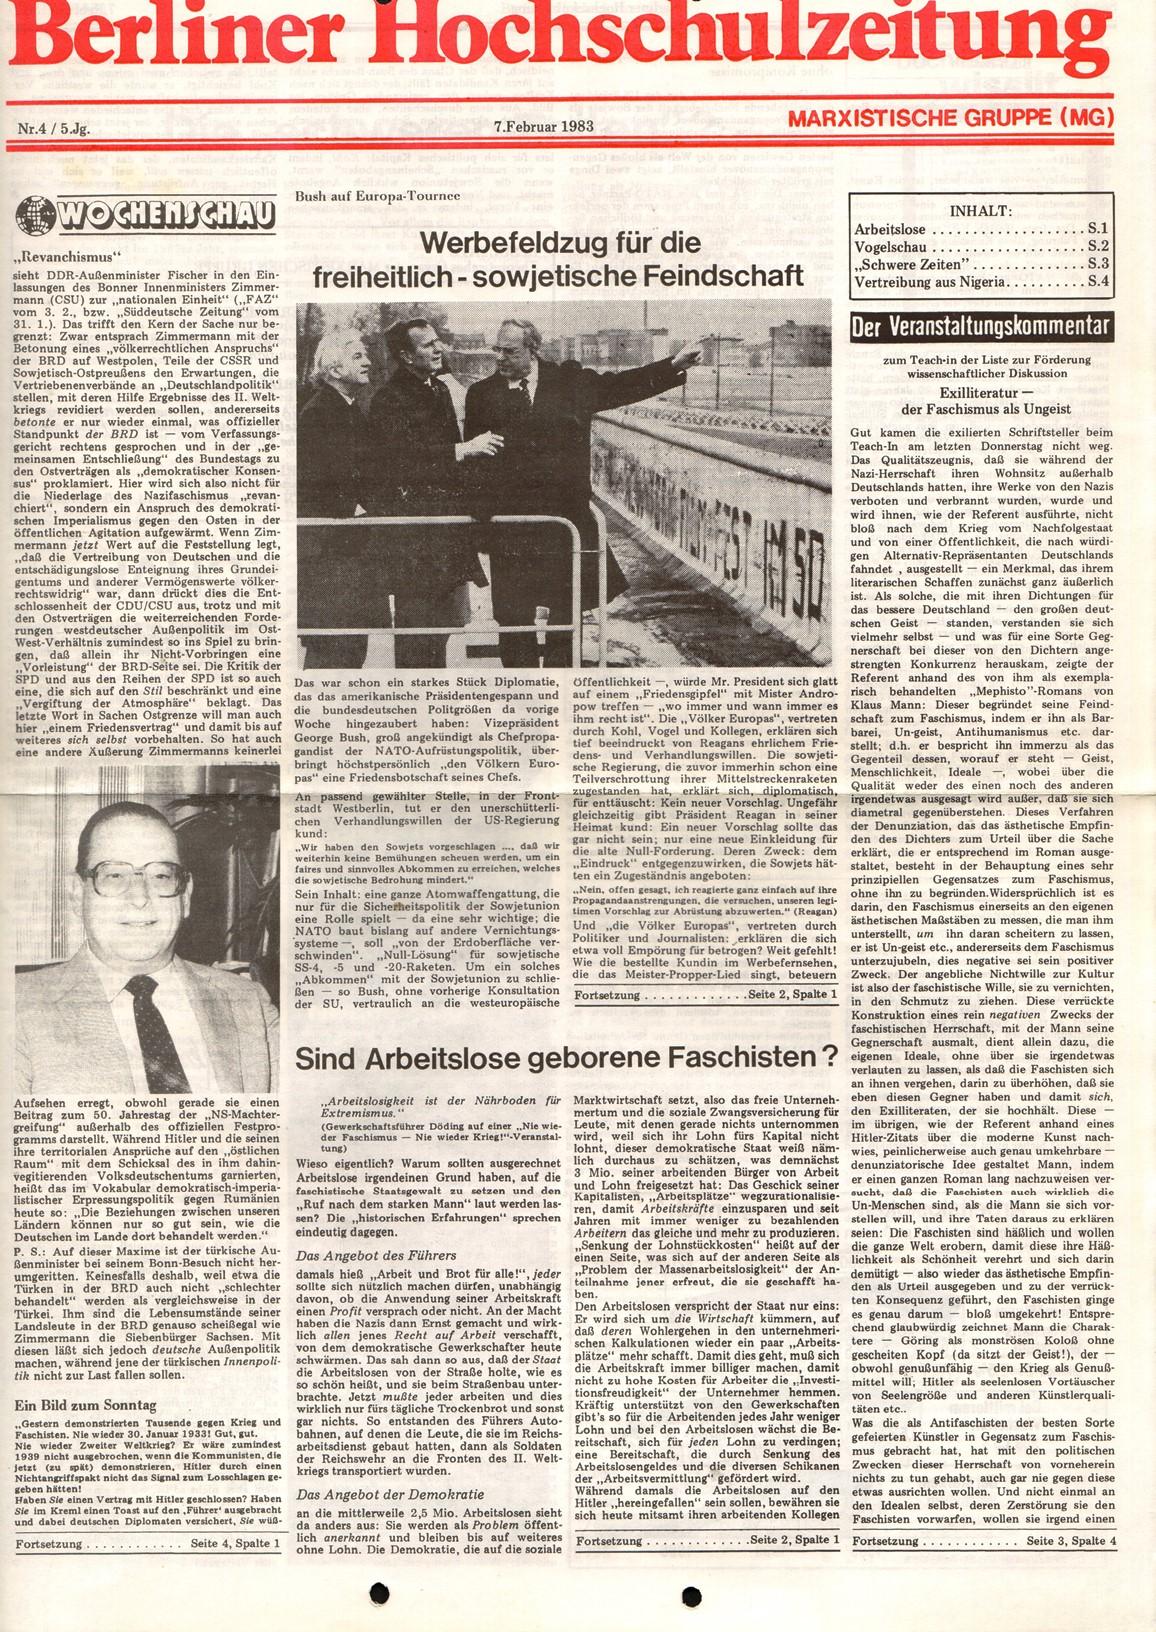 Berlin_MG_Hochschulzeitung_19830207_01